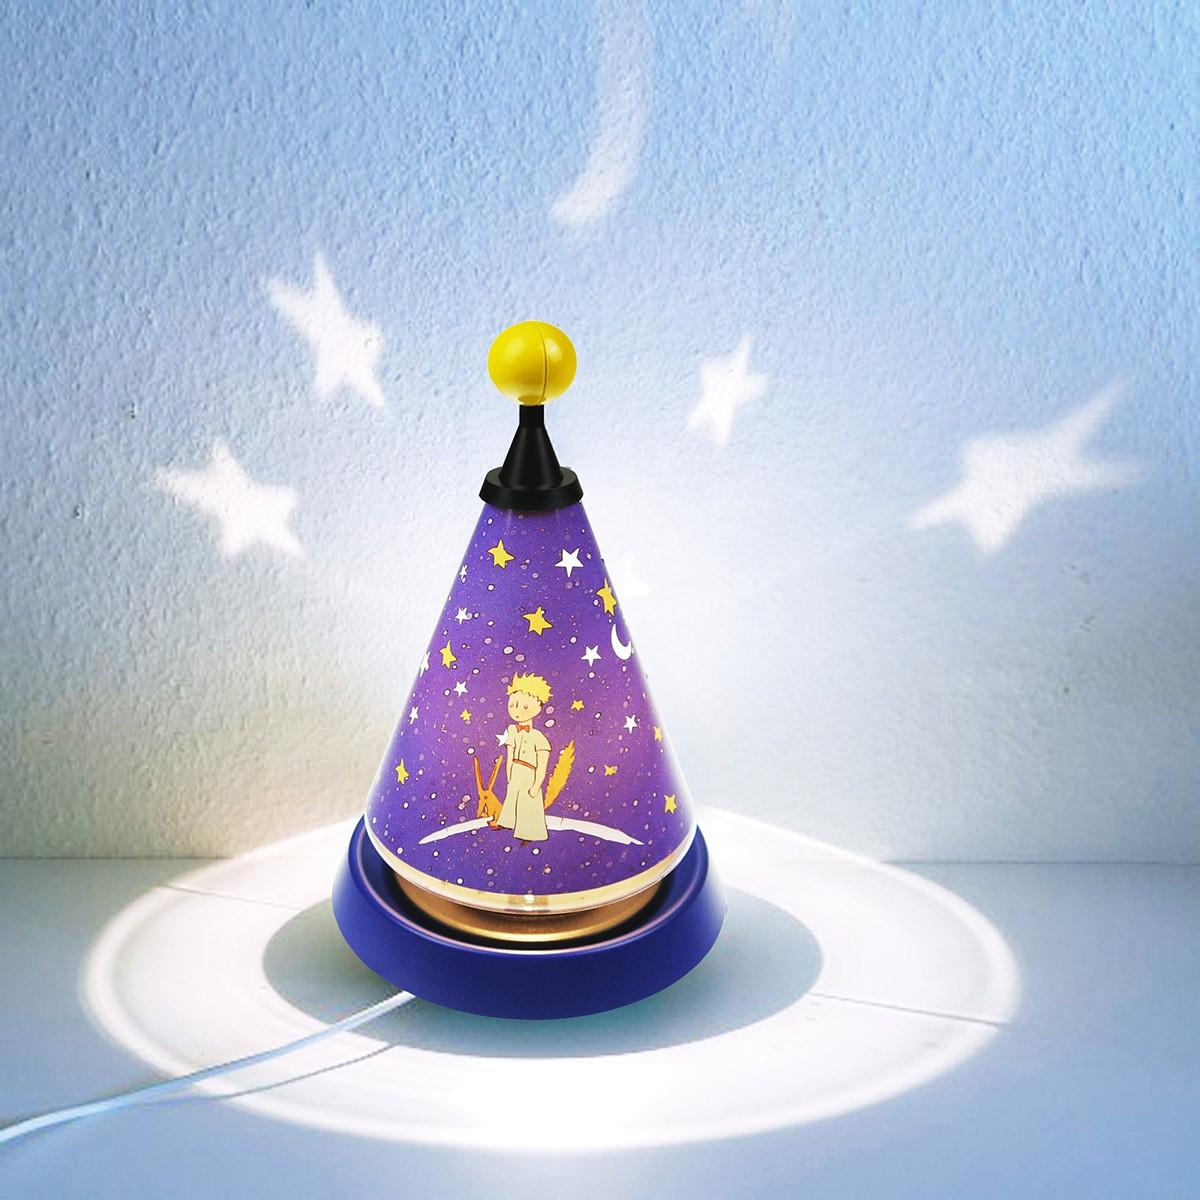 Niermann Standby Kleiner Prinz Carrousel Tischleuchte, mit Sternen Projektion